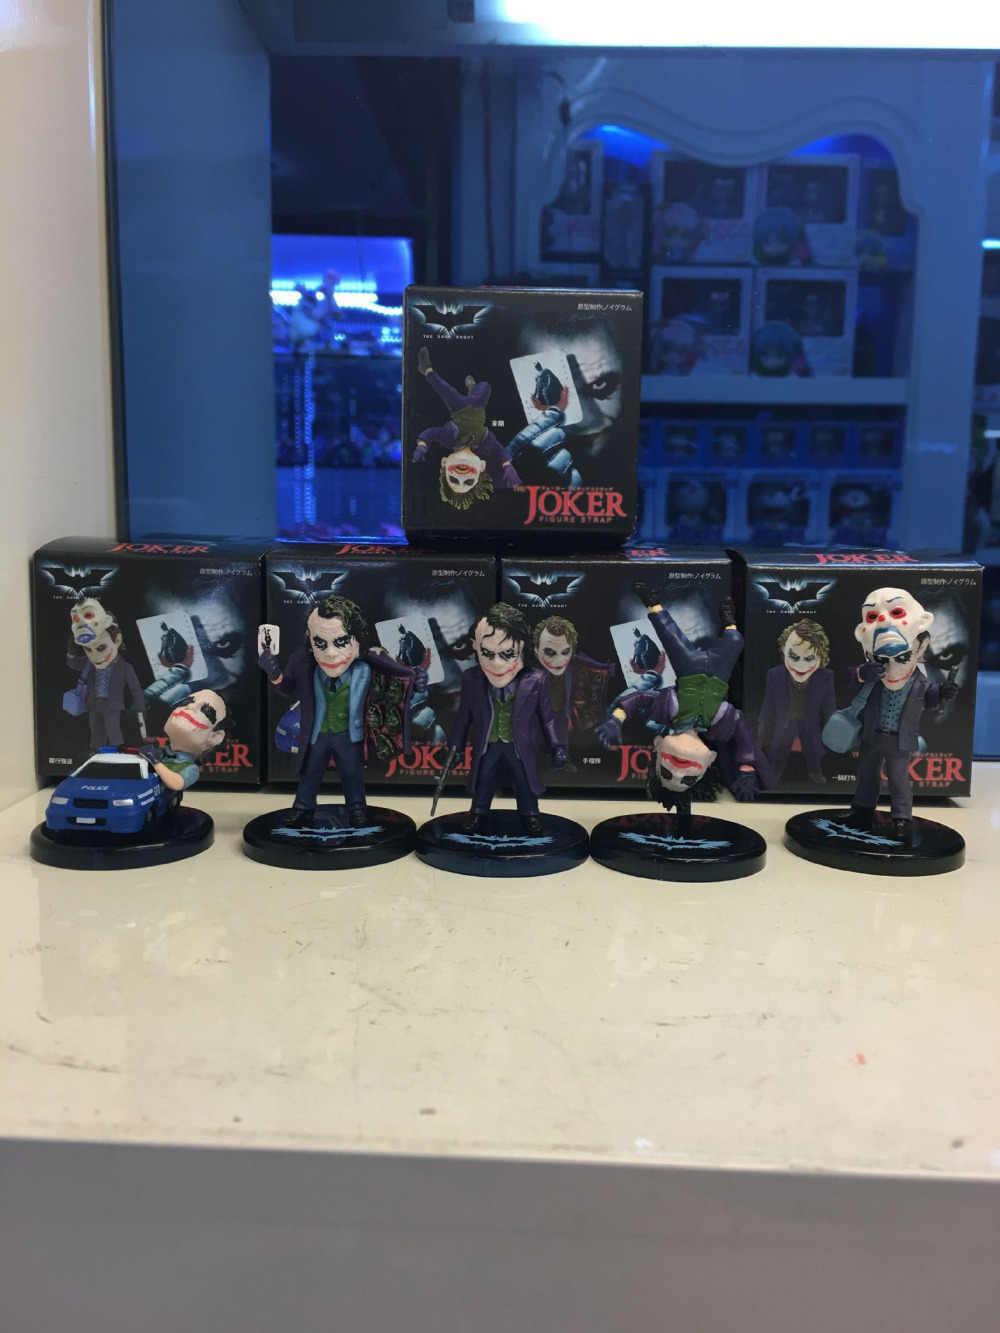 ألين 5 قطعة/المجموعة dc كاريكاتير نموذج باتمان جوكر المهرج 5 سنتيمتر/1.97 بوصة لعبة دمية نموذج عمل أرقام اللعب للهدايا